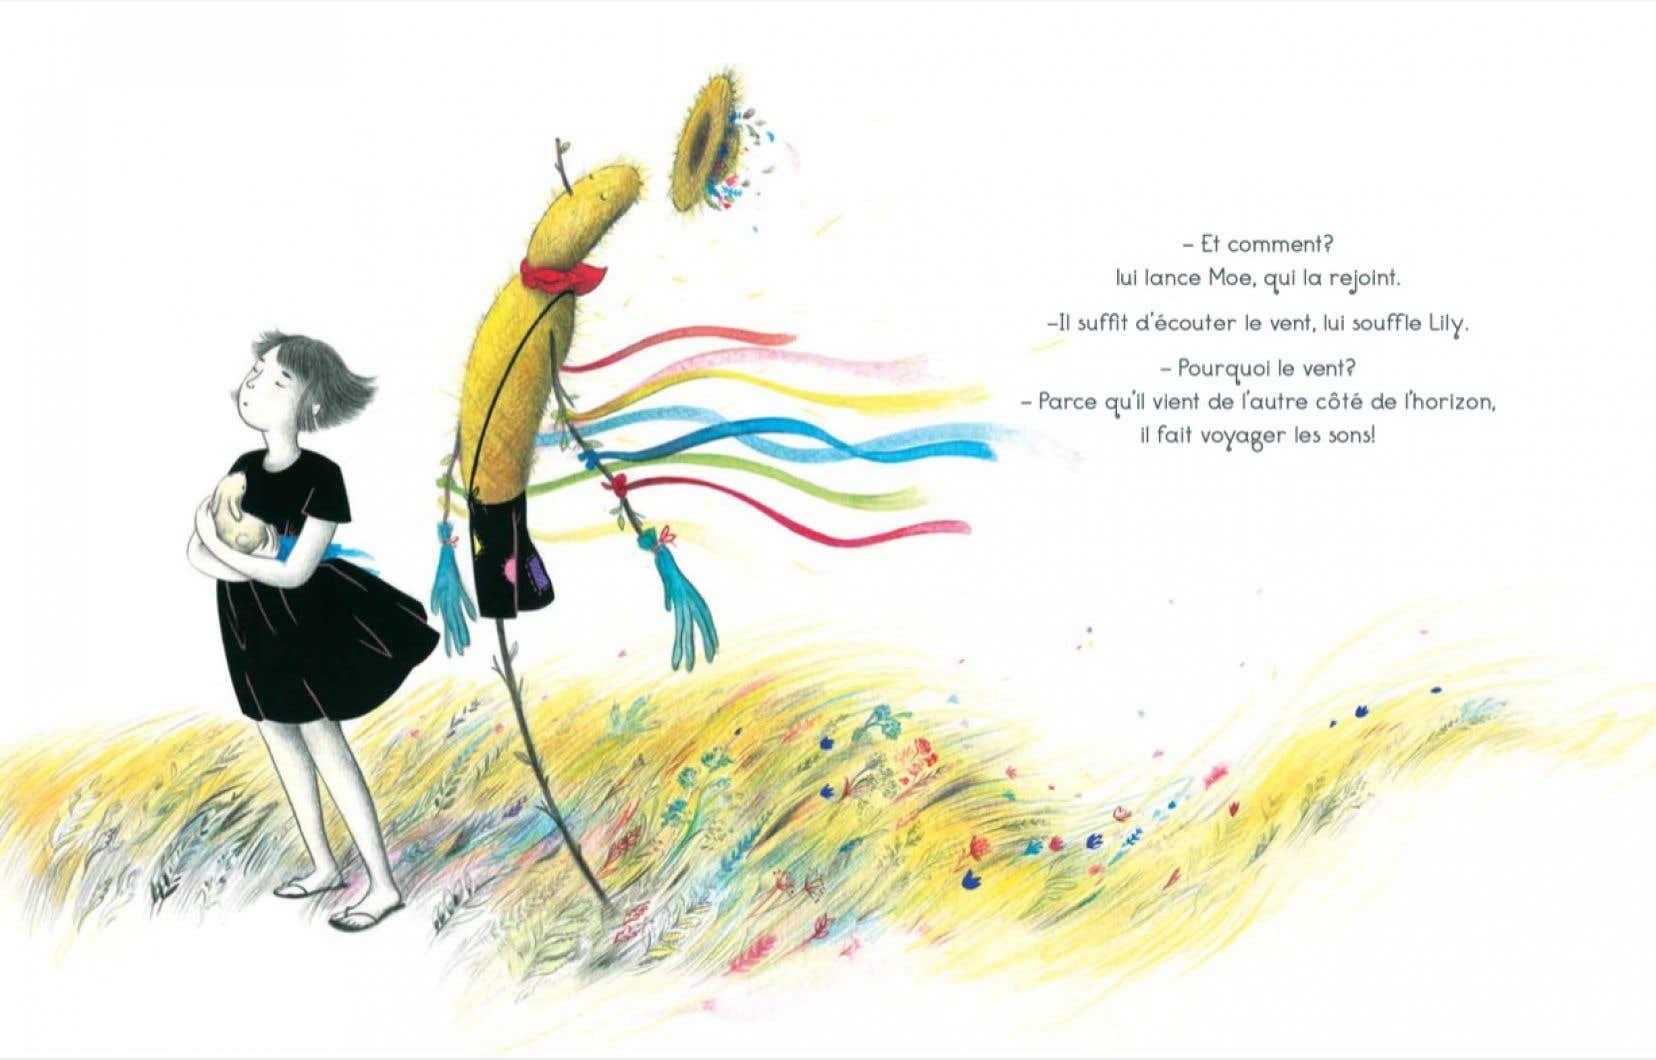 Illustration de Célina Guiné tirée du livre «Les yeux fermés»